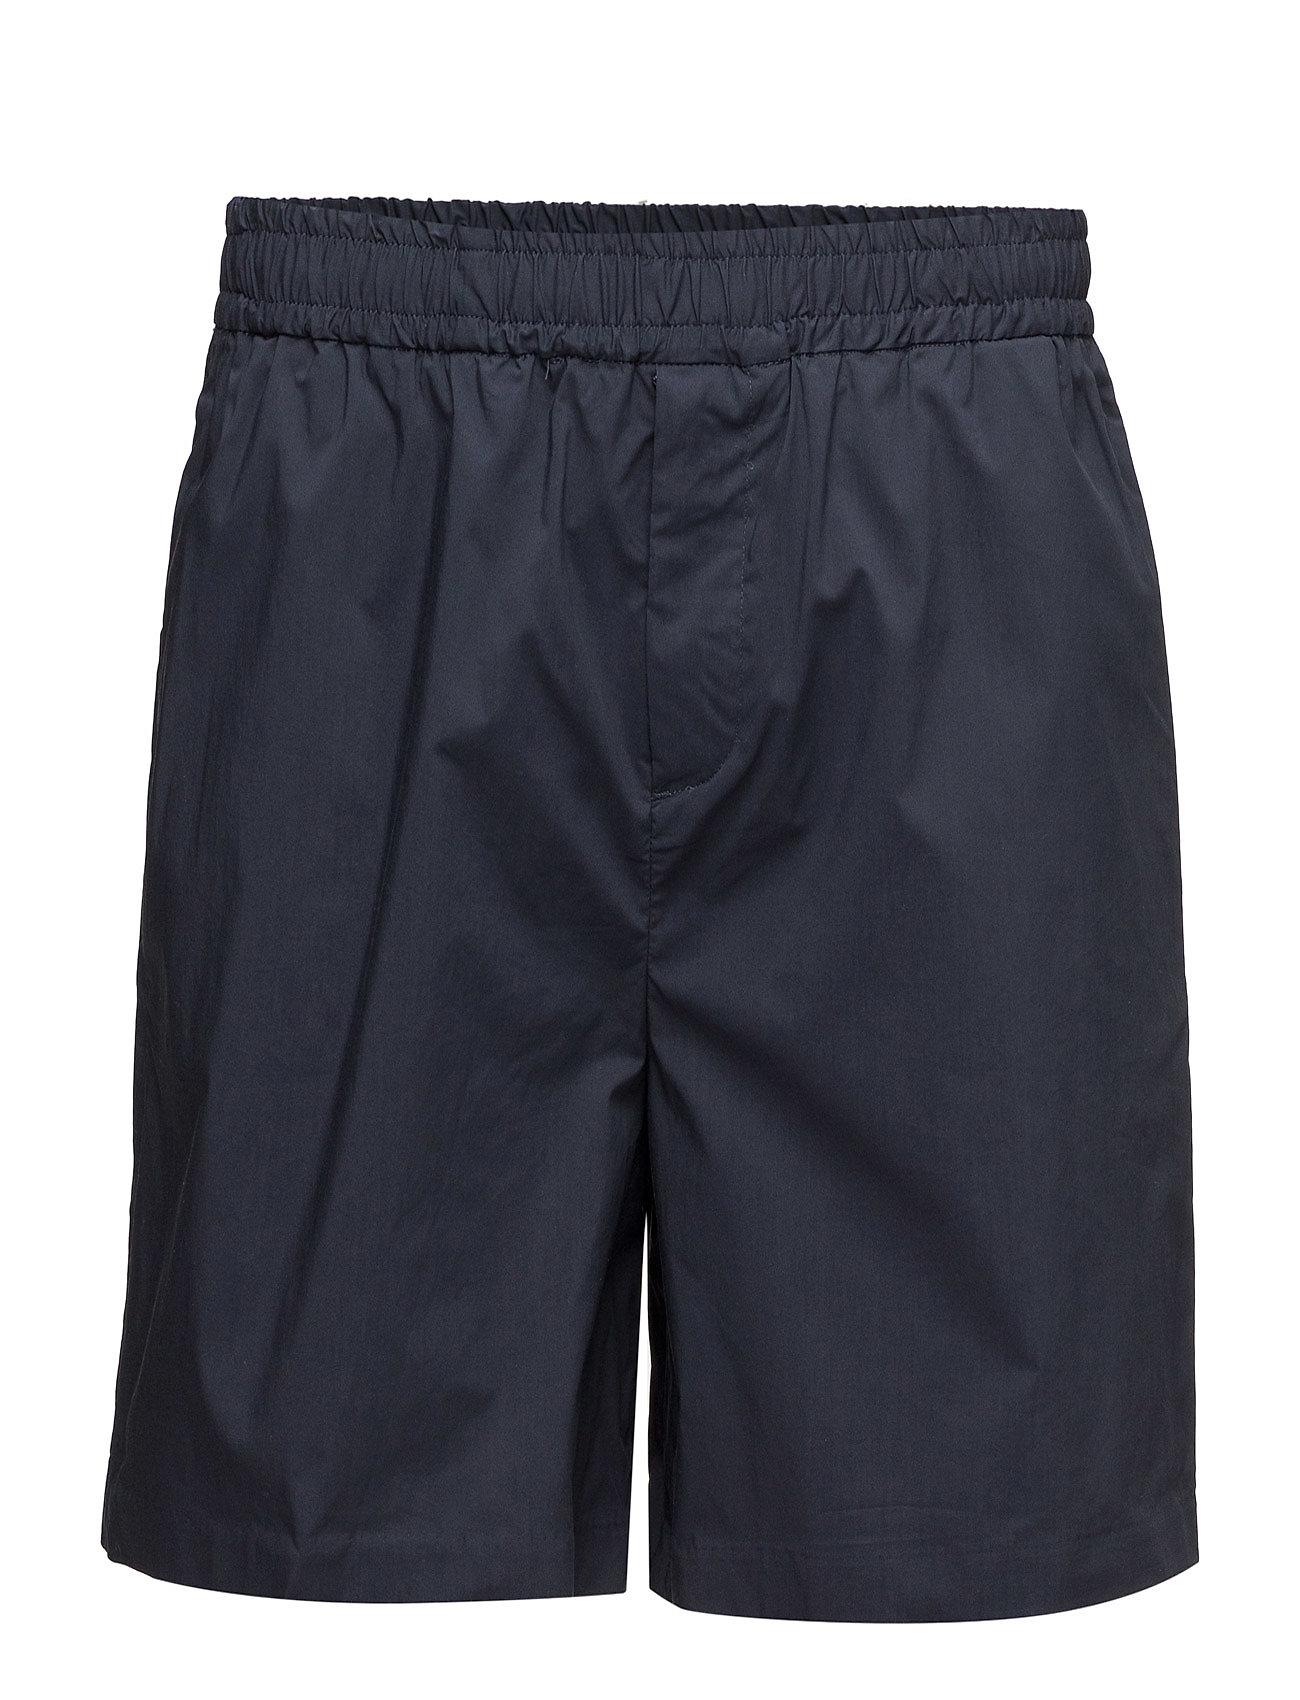 Chic bermuda short in lightweight cotton fra scotch & soda på boozt.com dk